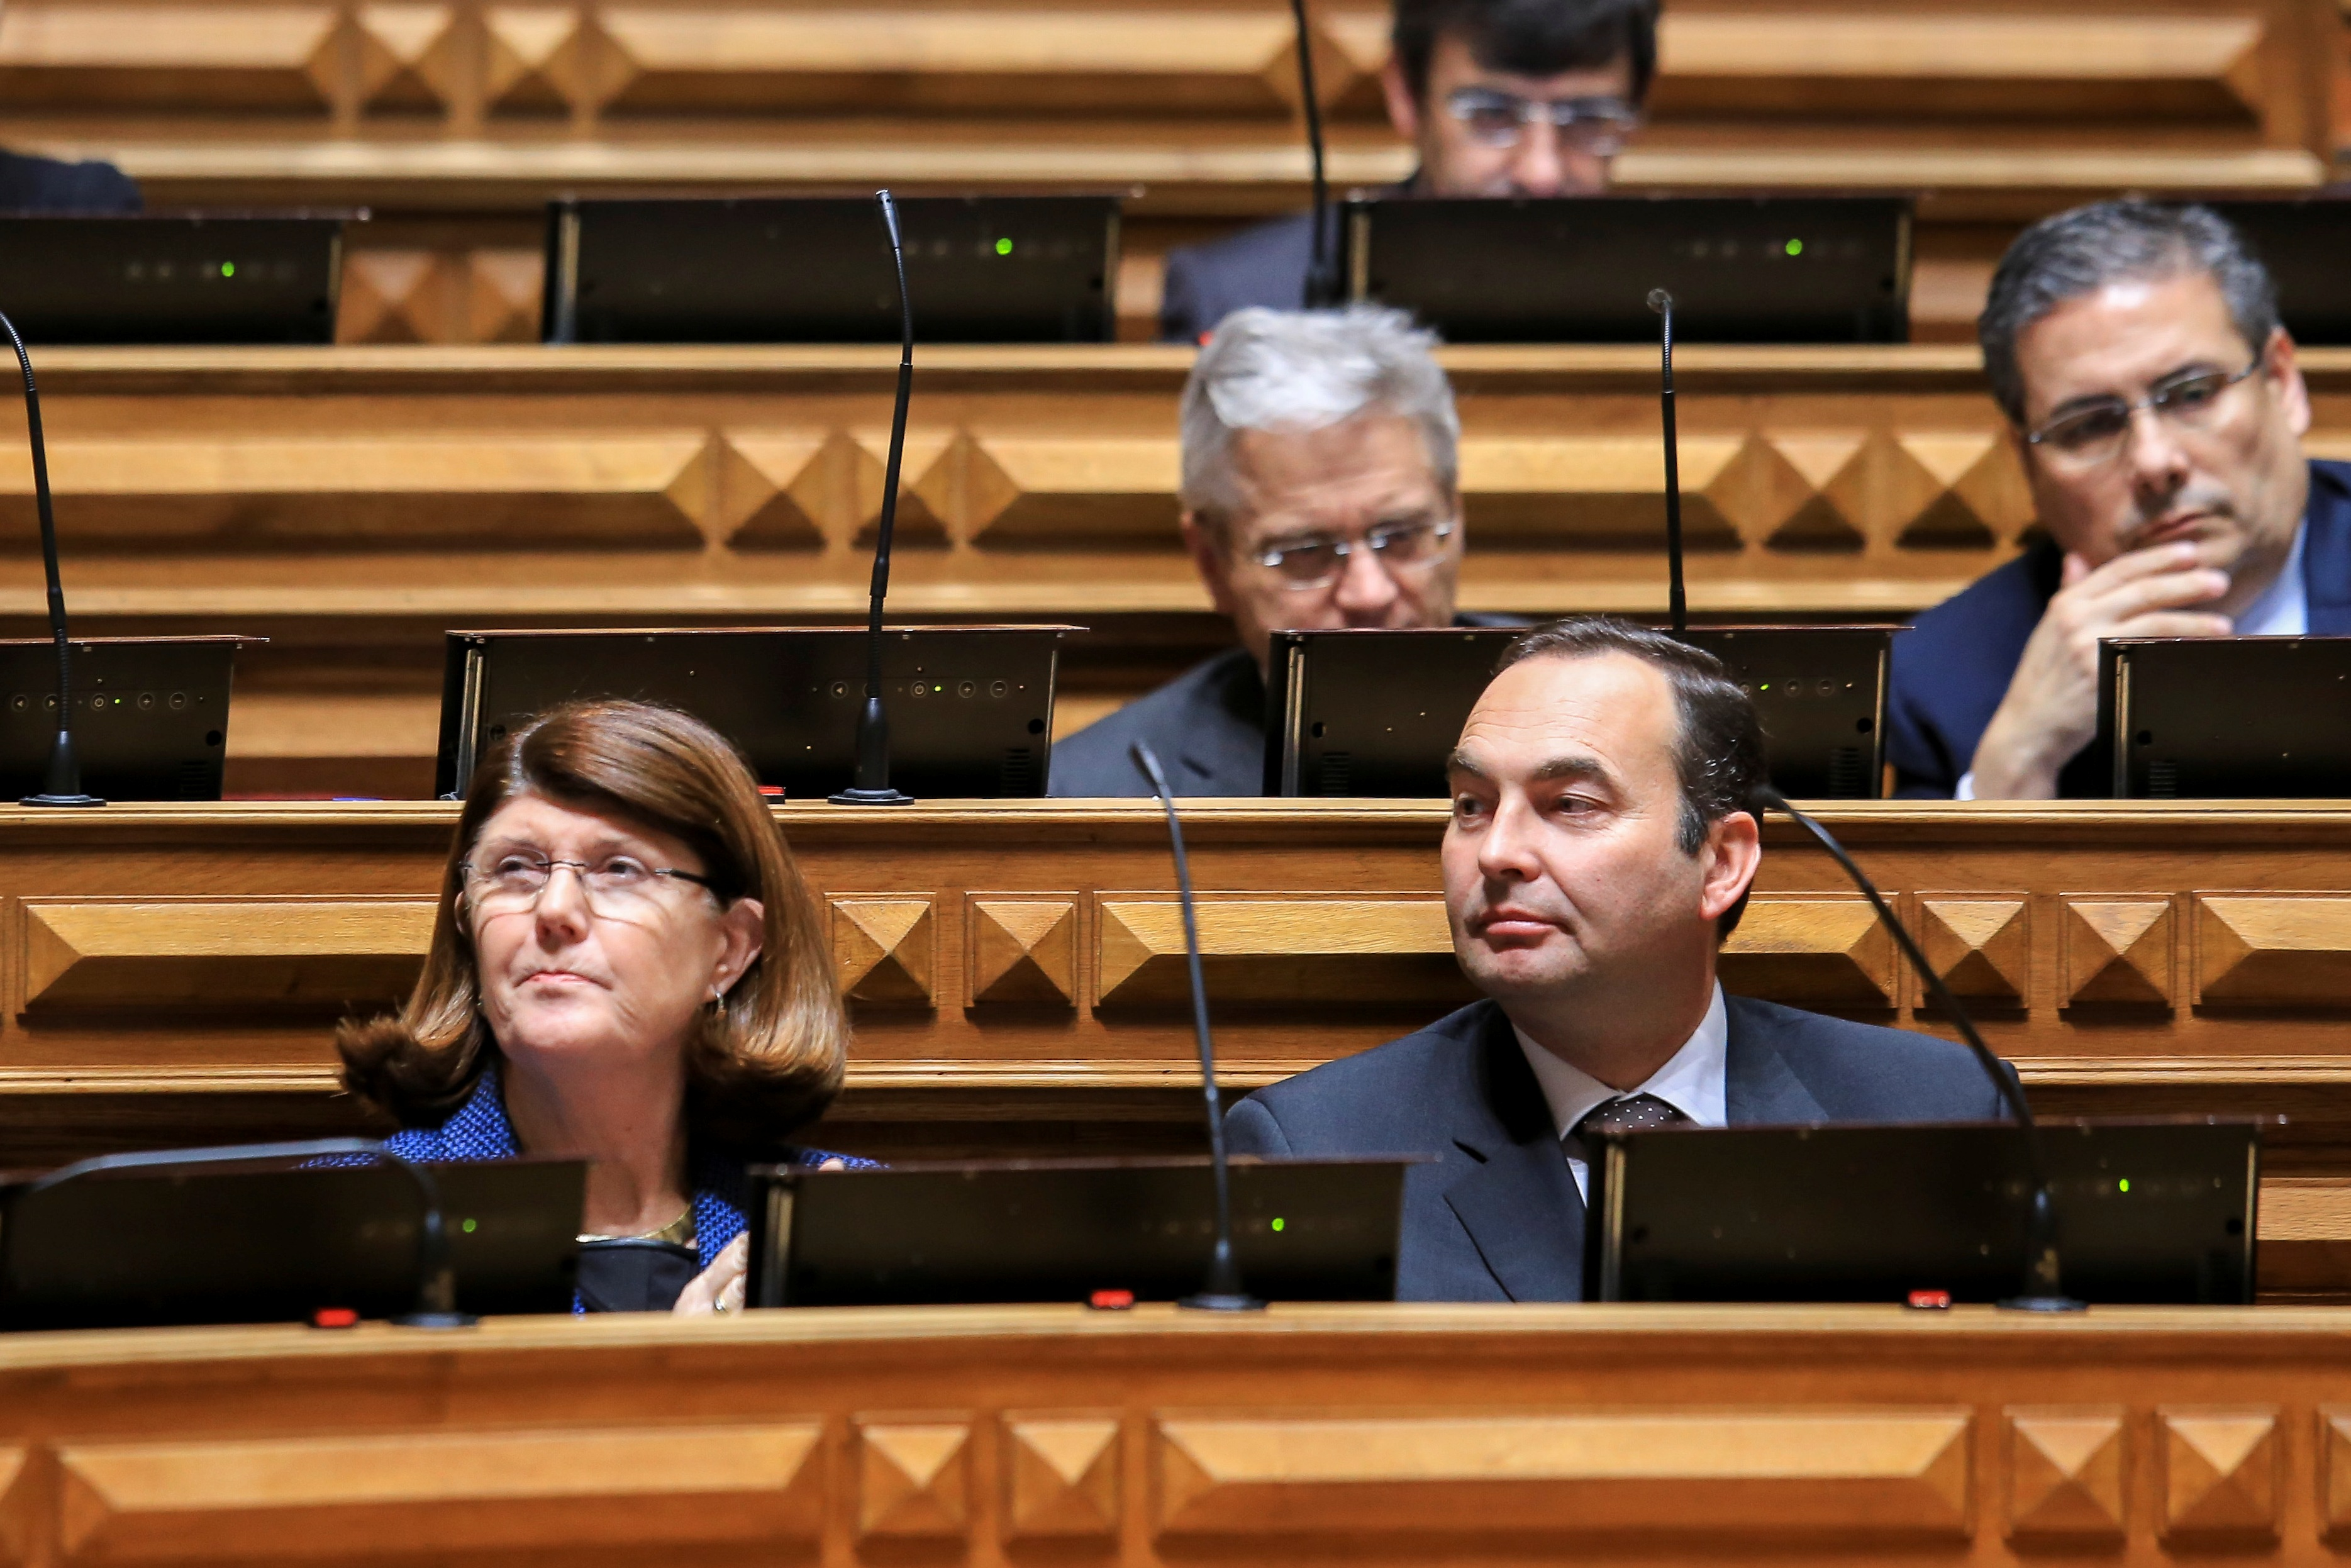 PSD/Açores questiona corte de verbas para a Universidade